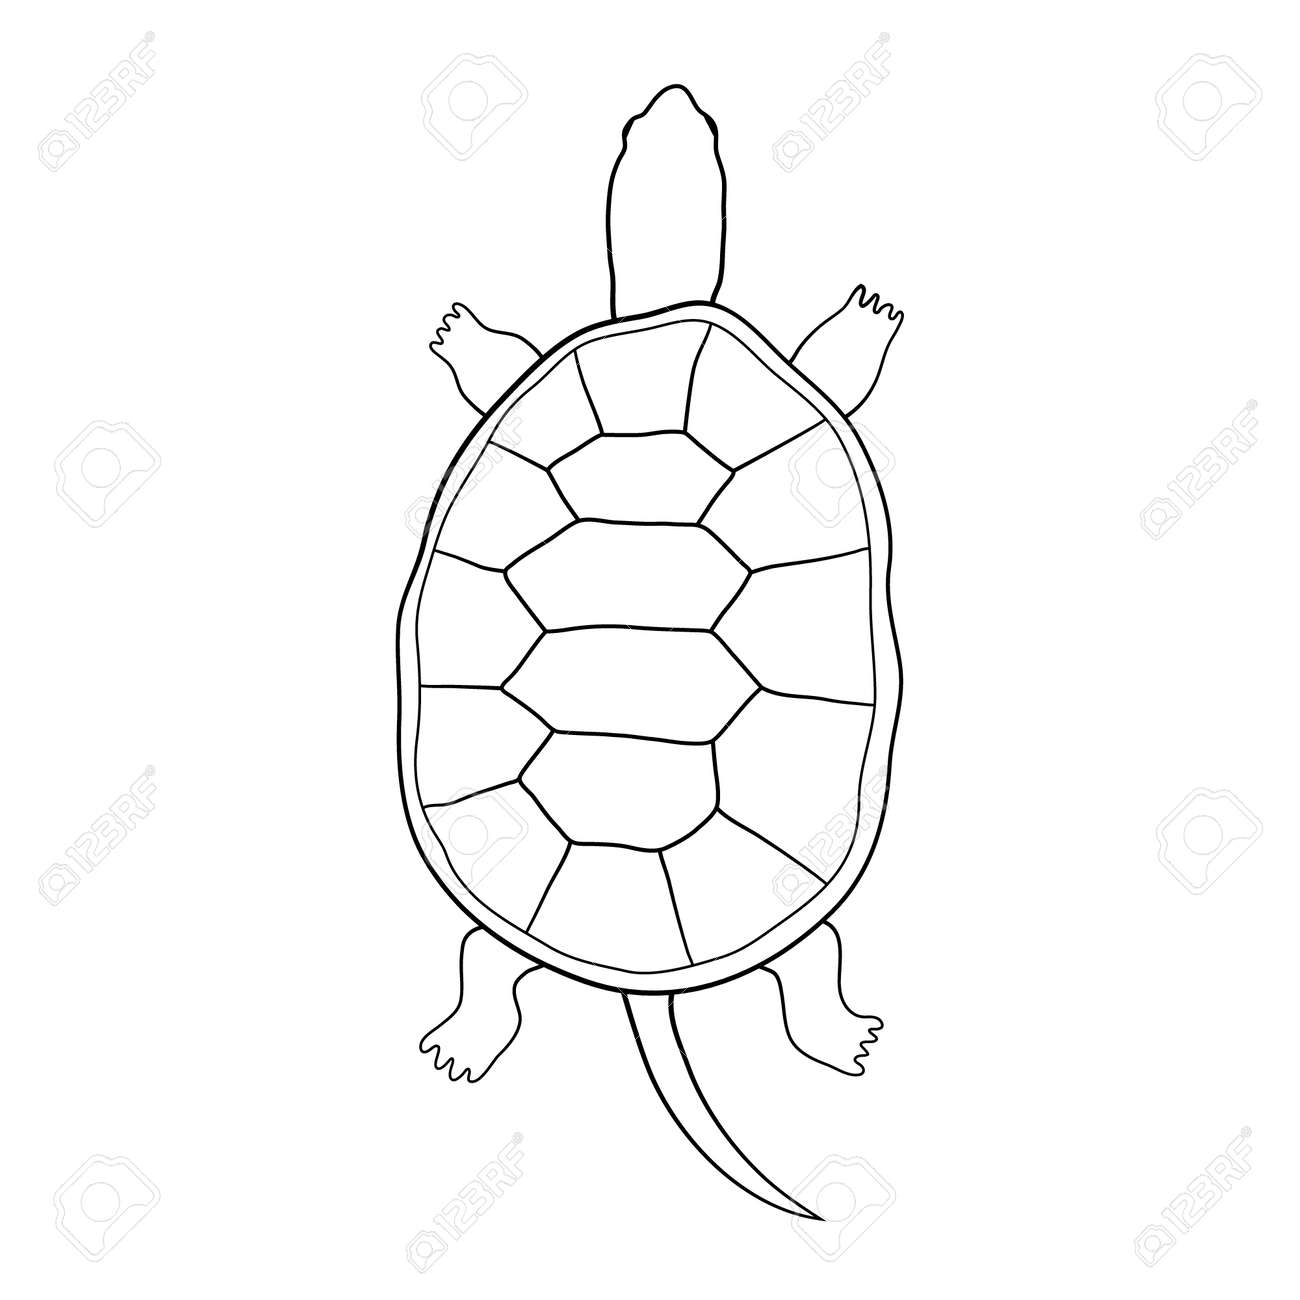 Hand Gezeichnet Schildkröte Illustration Im Cartoon-Stil. Die Kontur ...